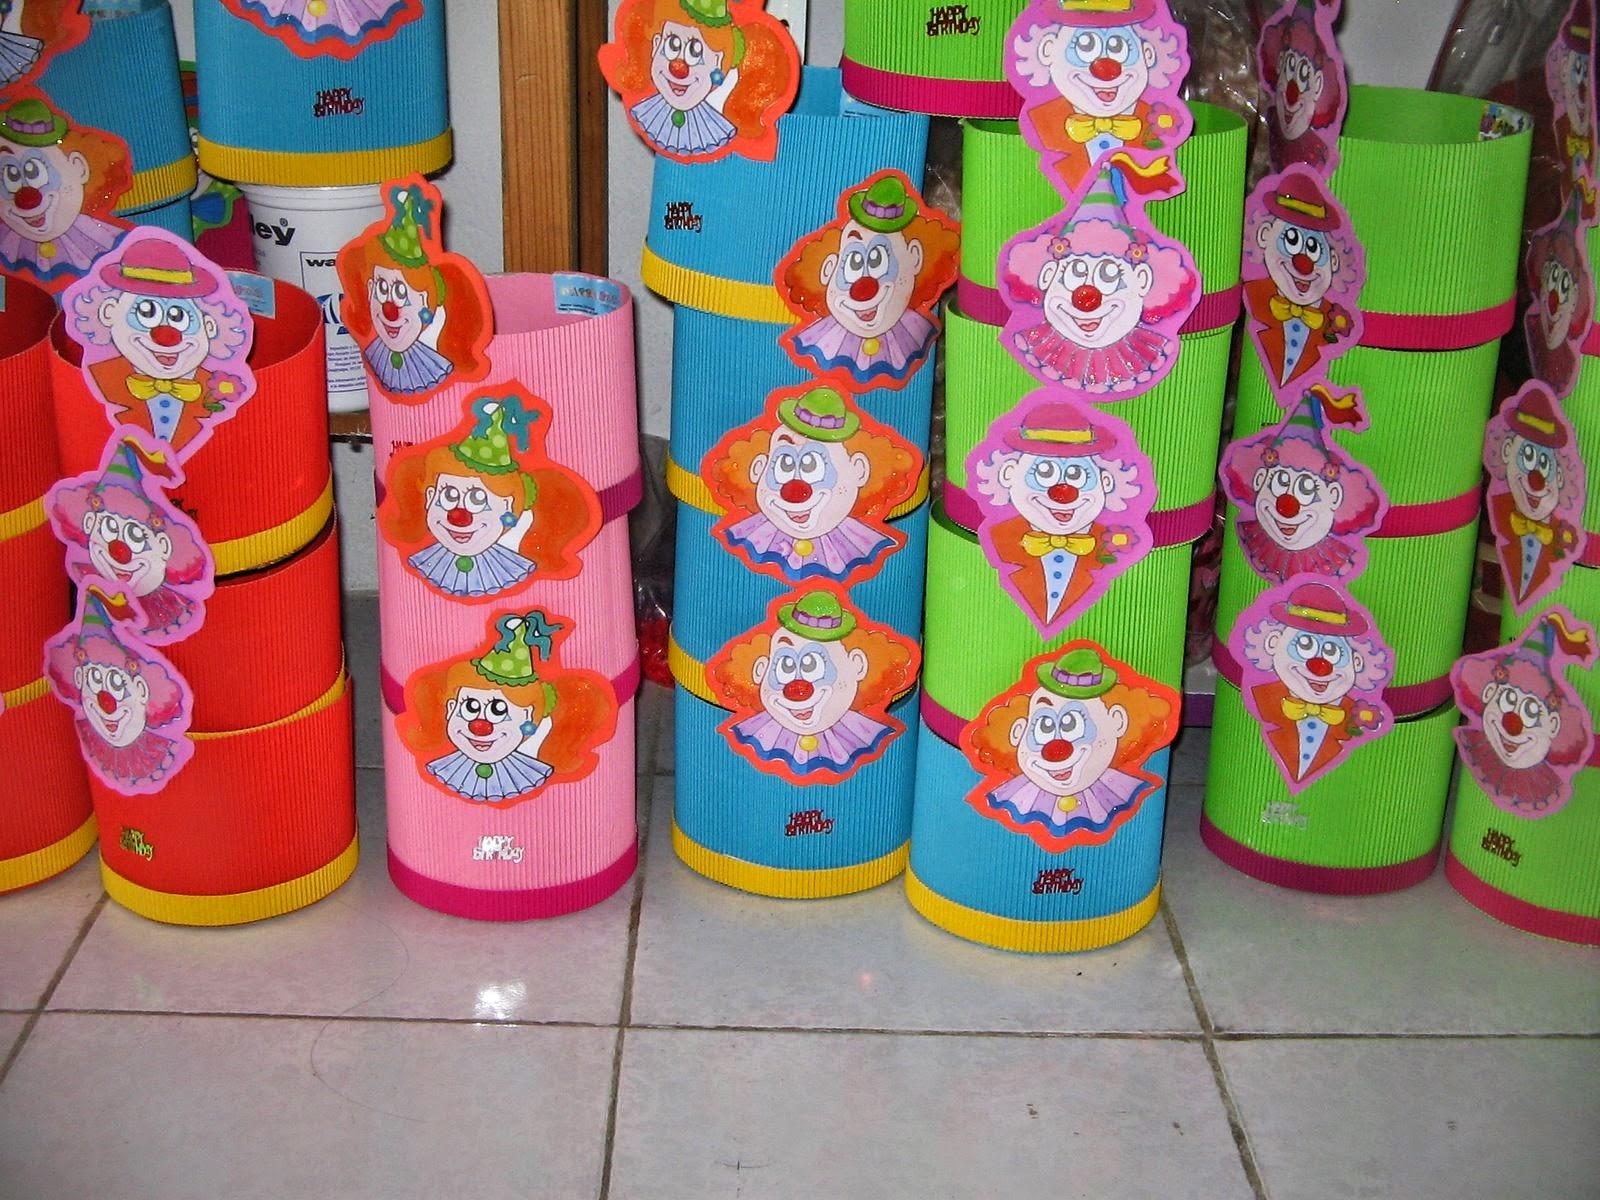 enfeites para festas infantis feitos de reciclagem